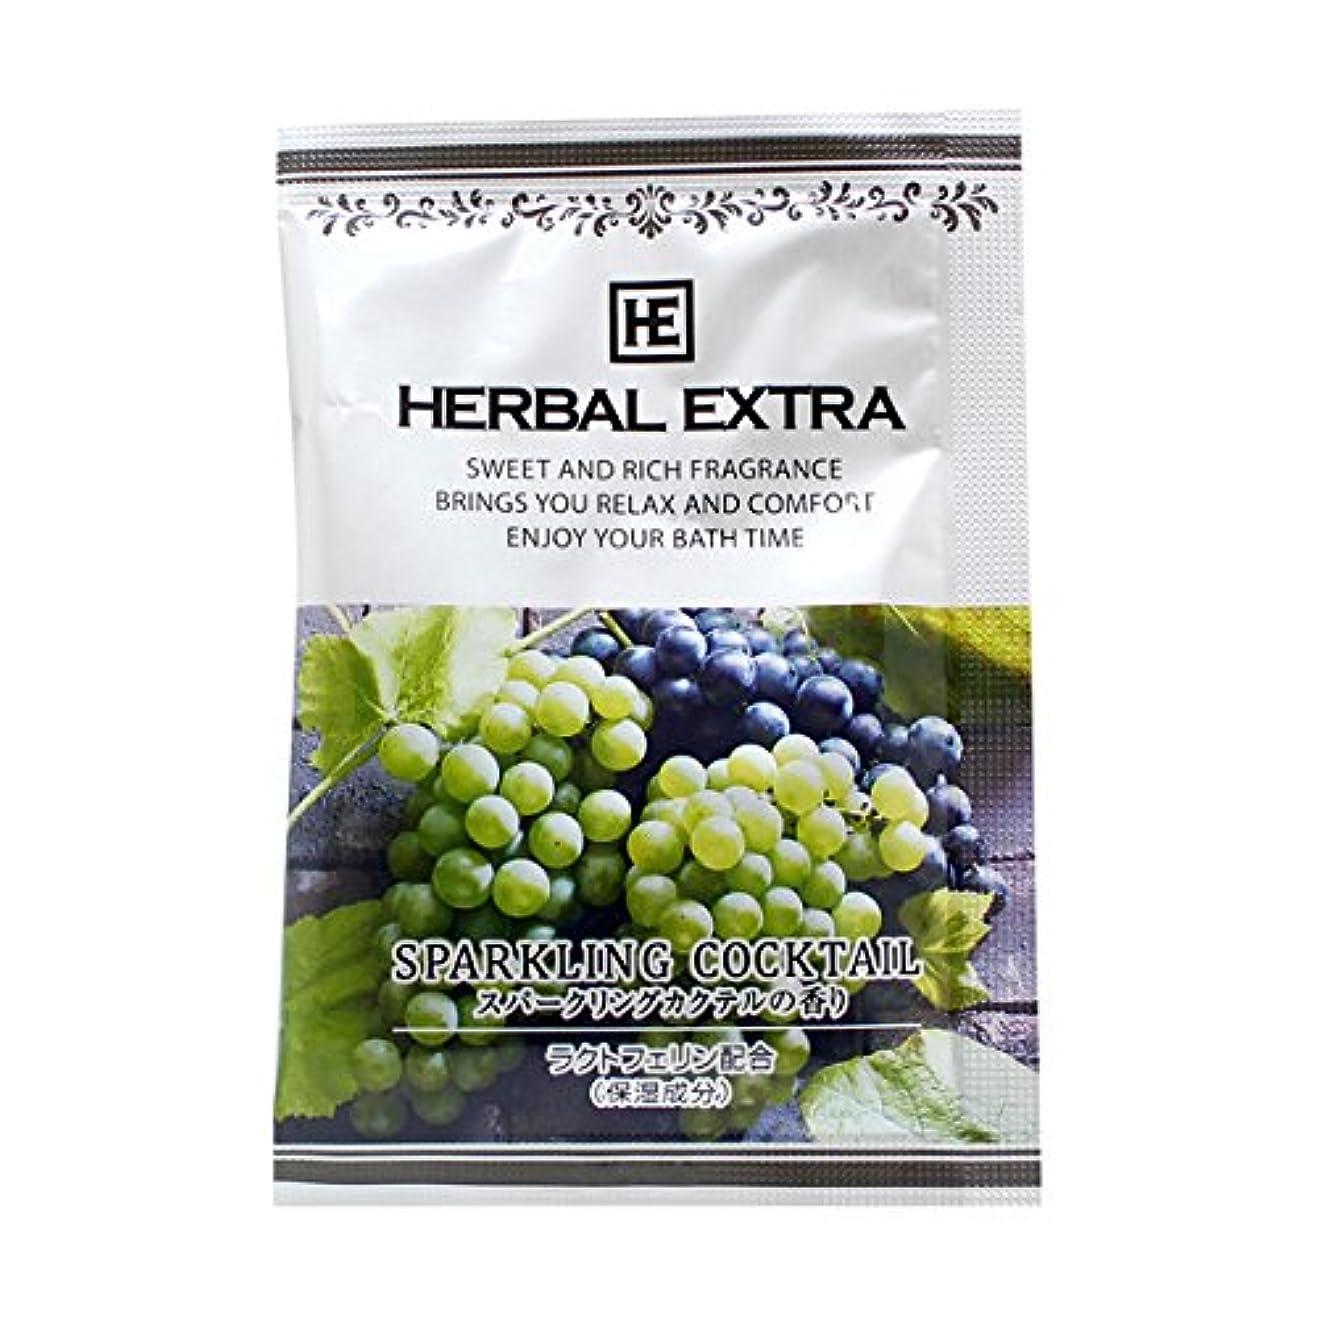 計算可能挨拶する二入浴剤 ハーバルエクストラ「スパークリングカクテルの香り」30個